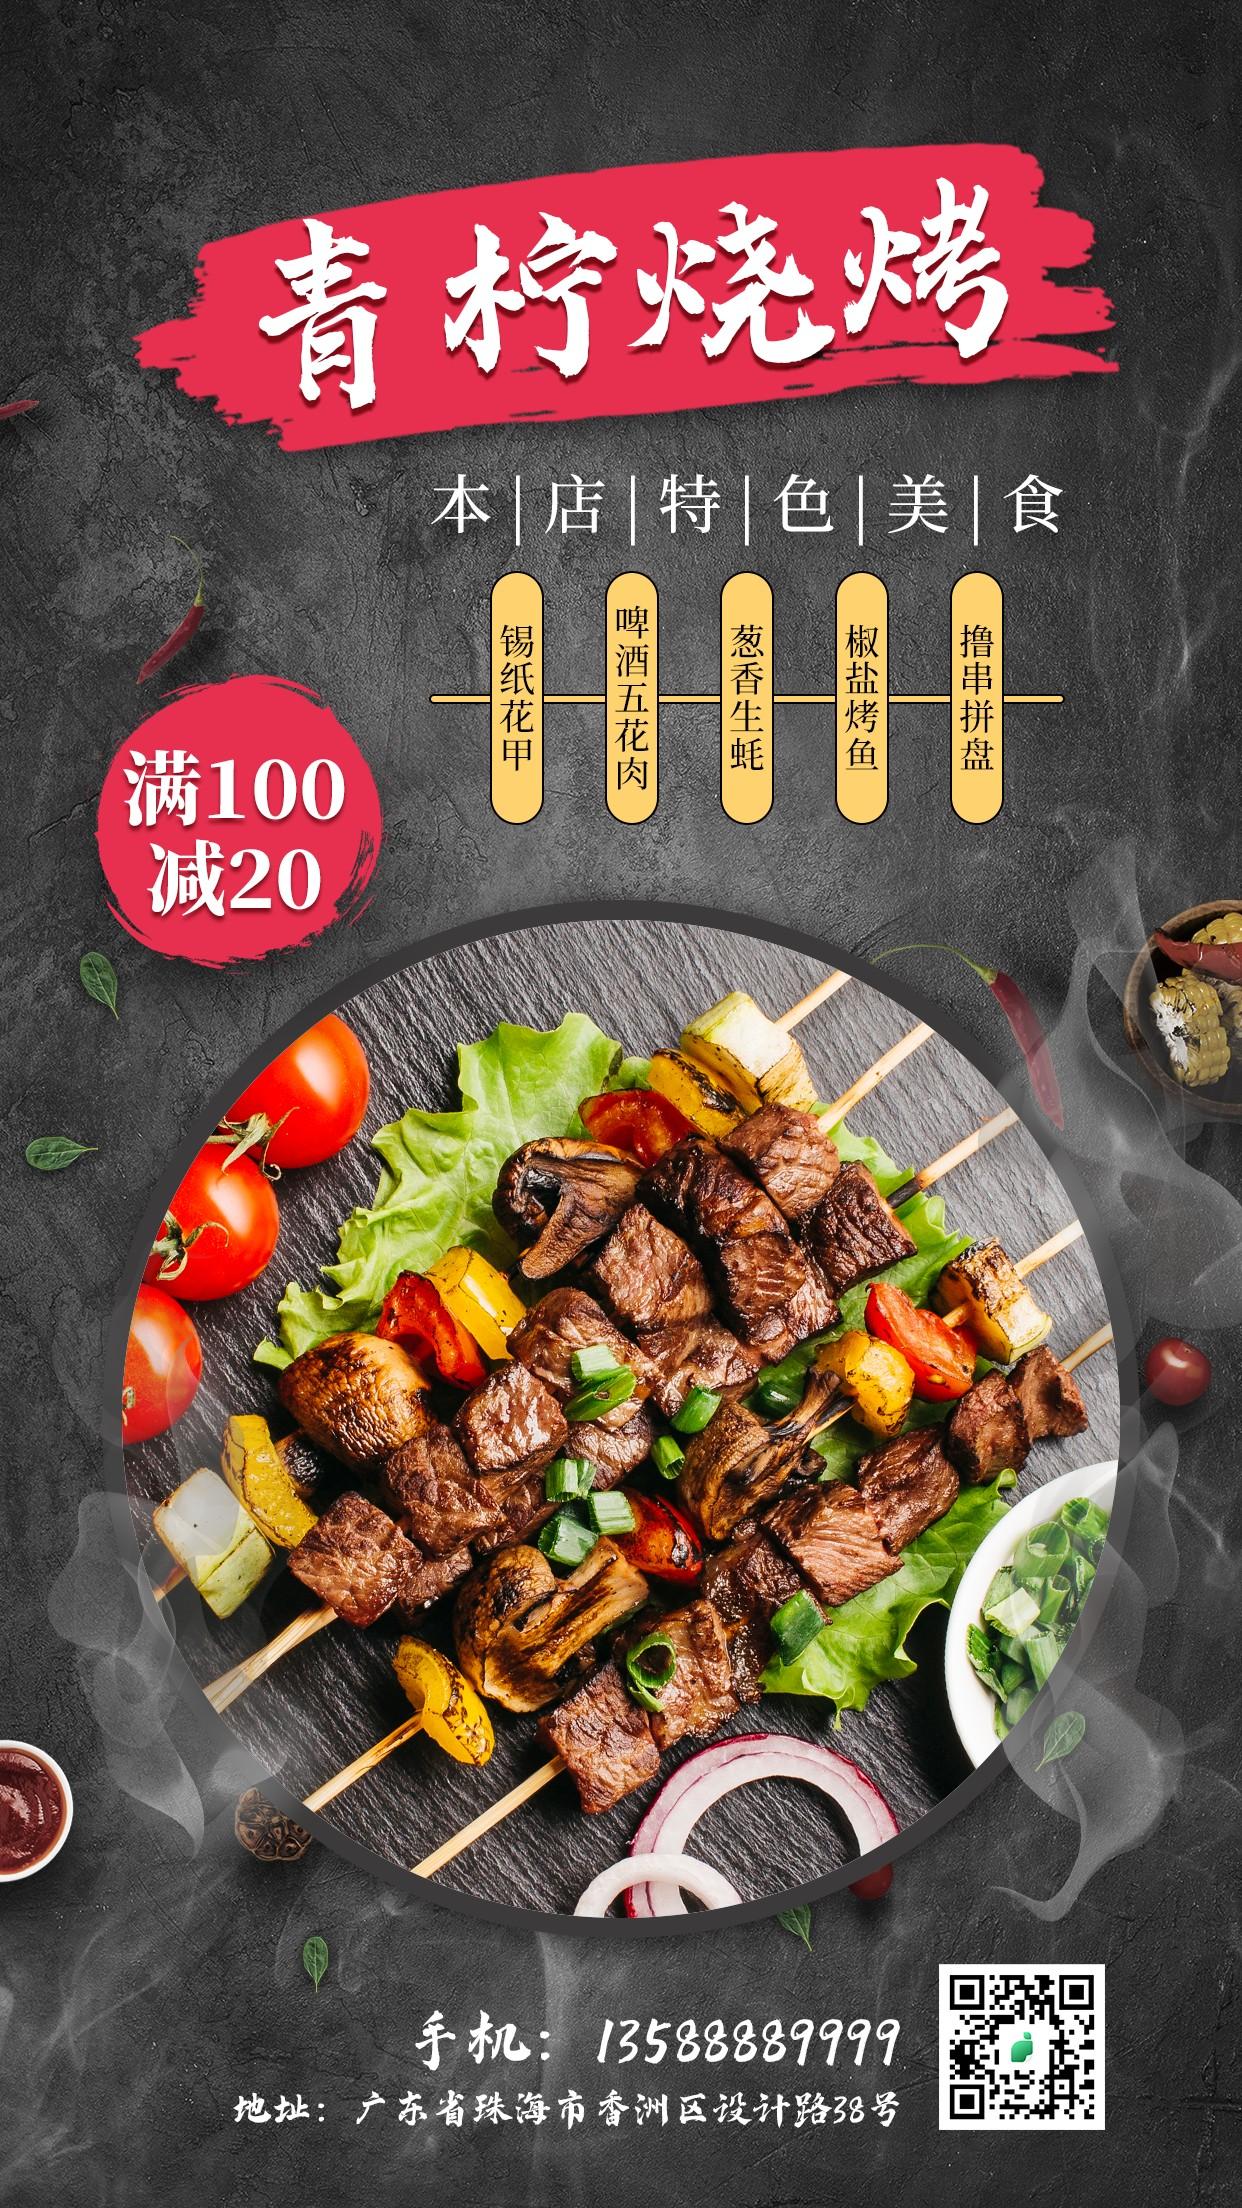 质感餐饮美食烧烤手机海报